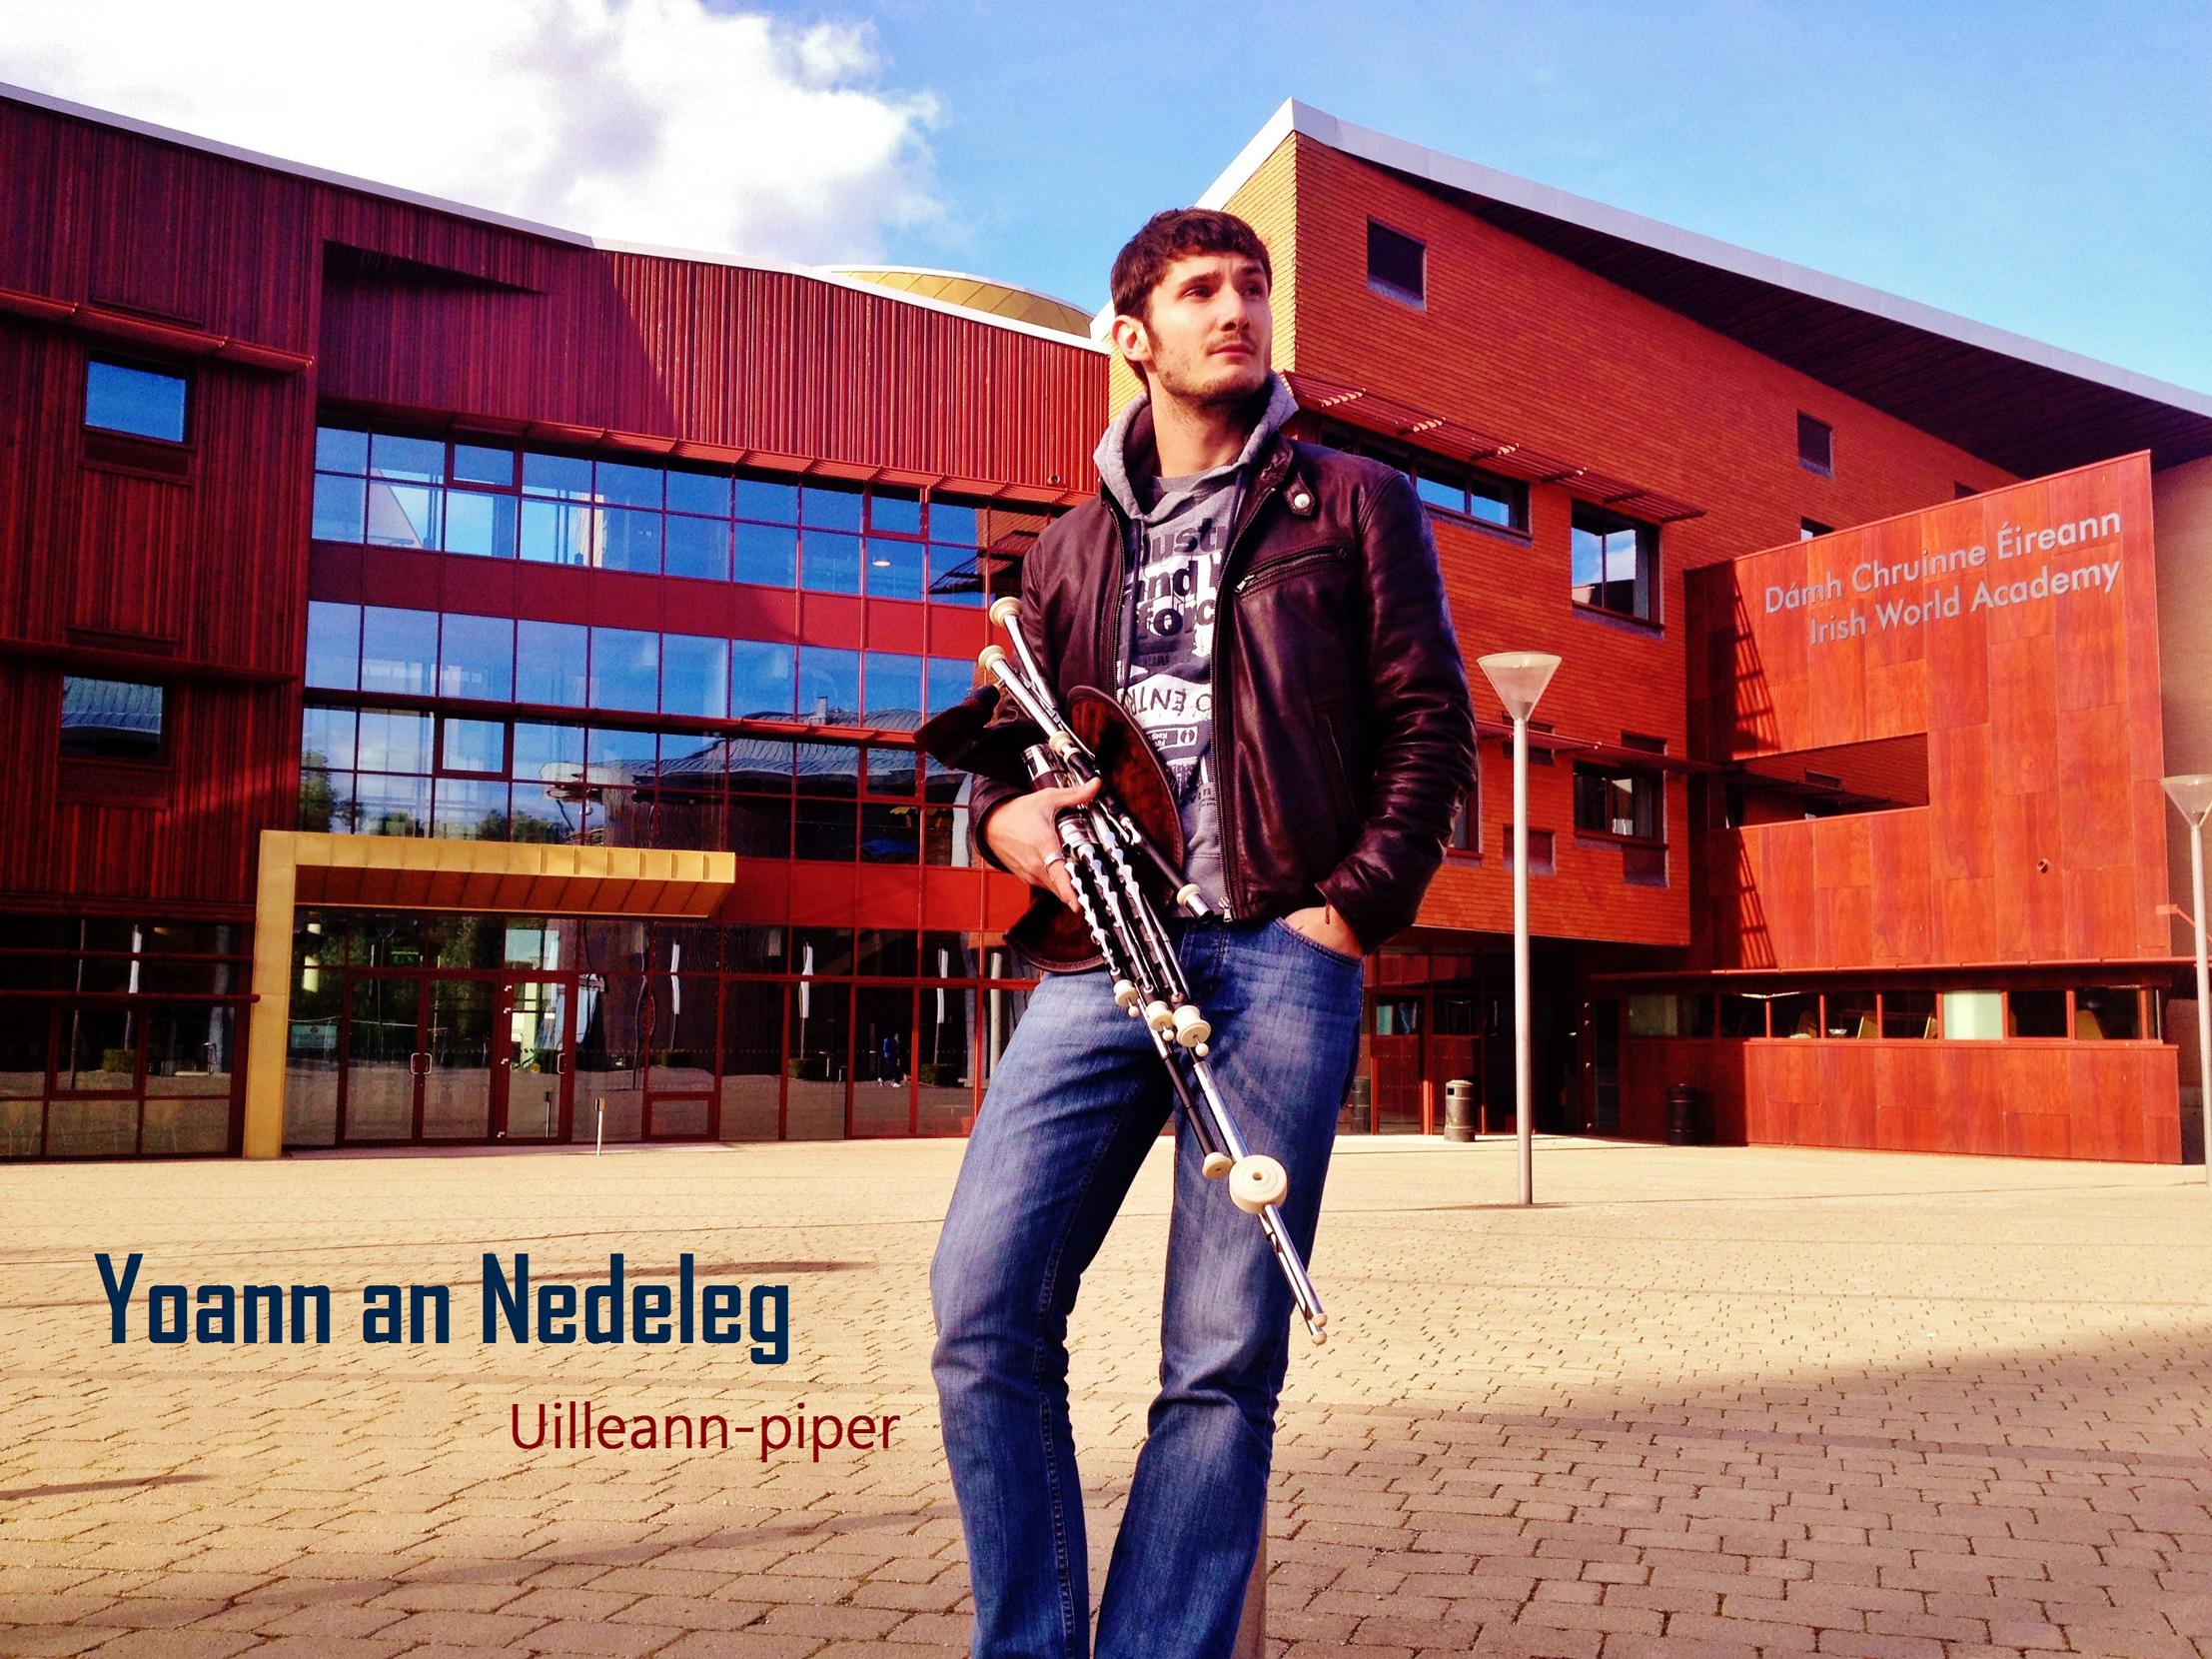 Nedeleg - University of Limerick